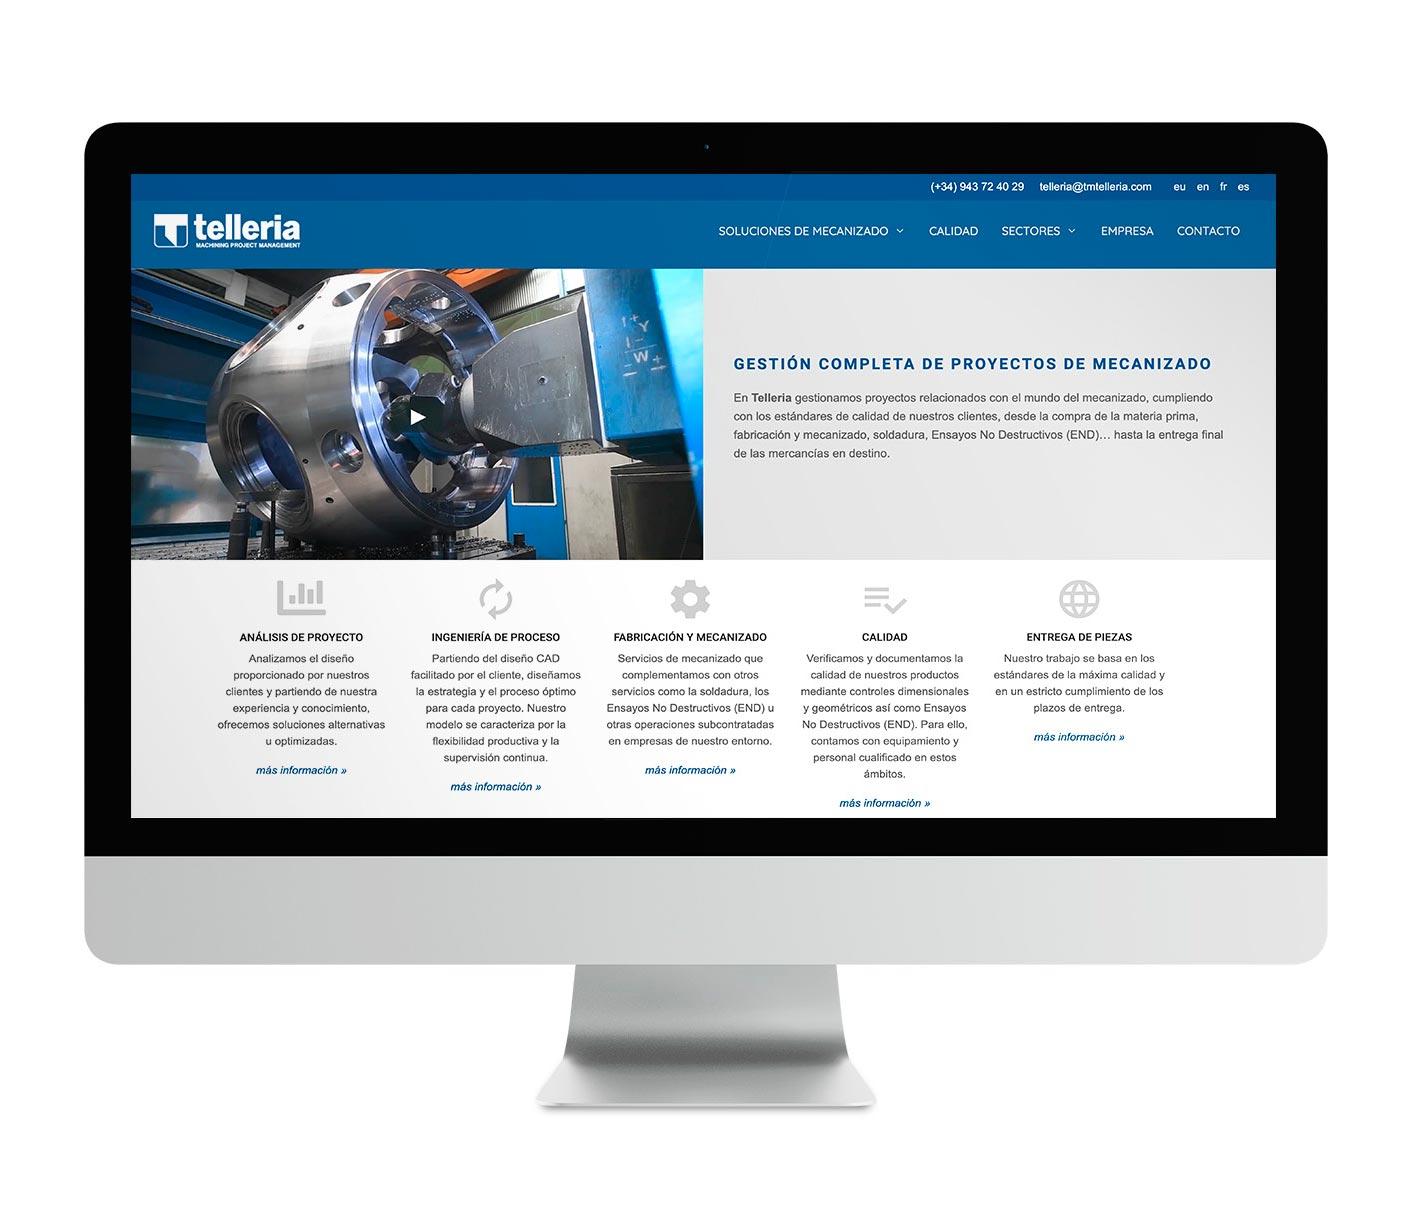 Telleria - Gestión de Proyectos de Mecanizado